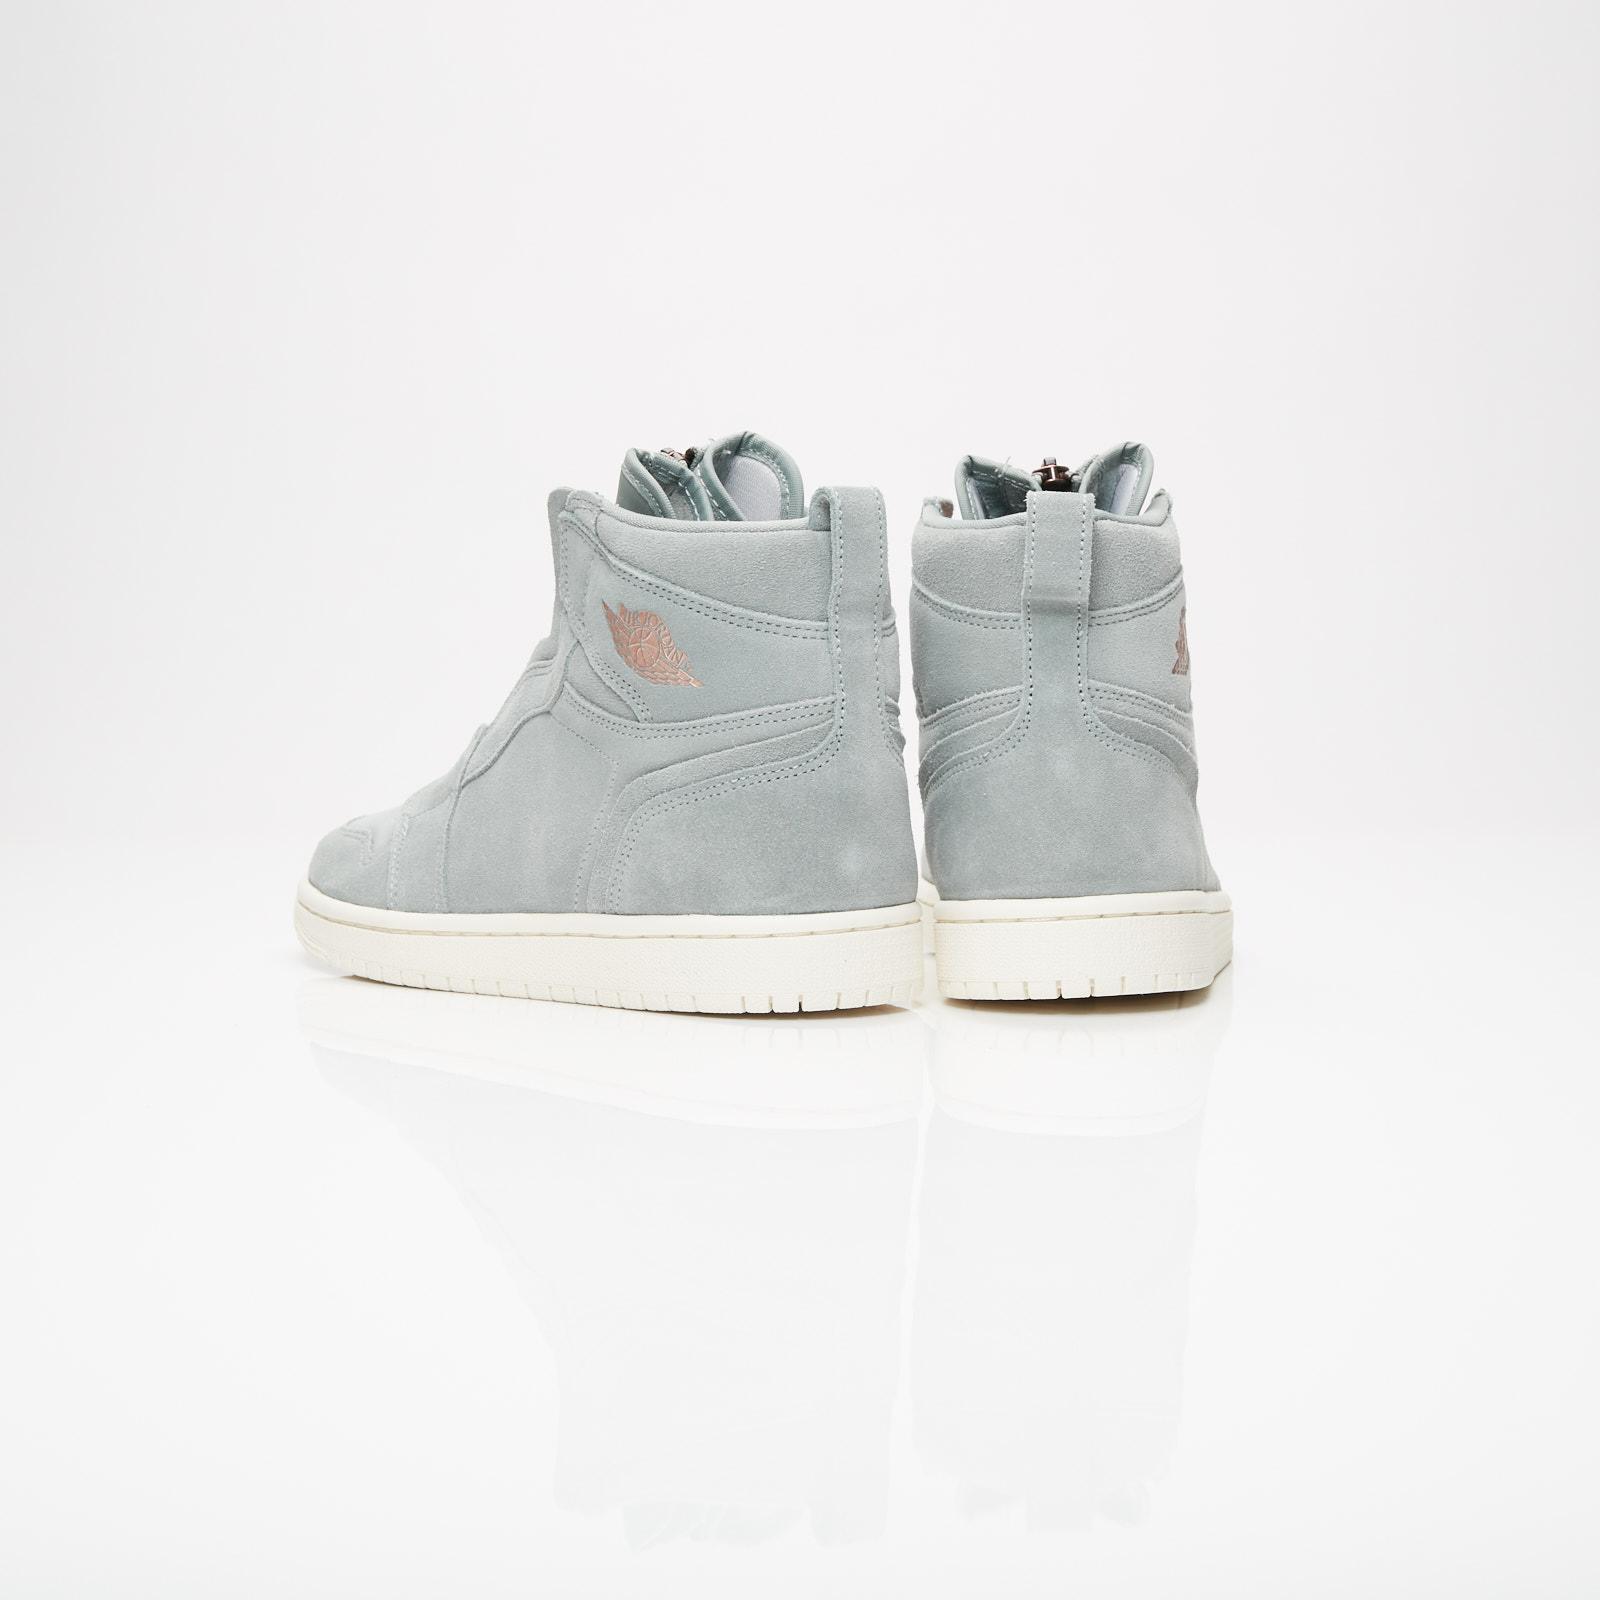 05f02cba9d0a Jordan Brand Wmns Air Jordan 1 High Zip - Aq3742-305 - Sneakersnstuff